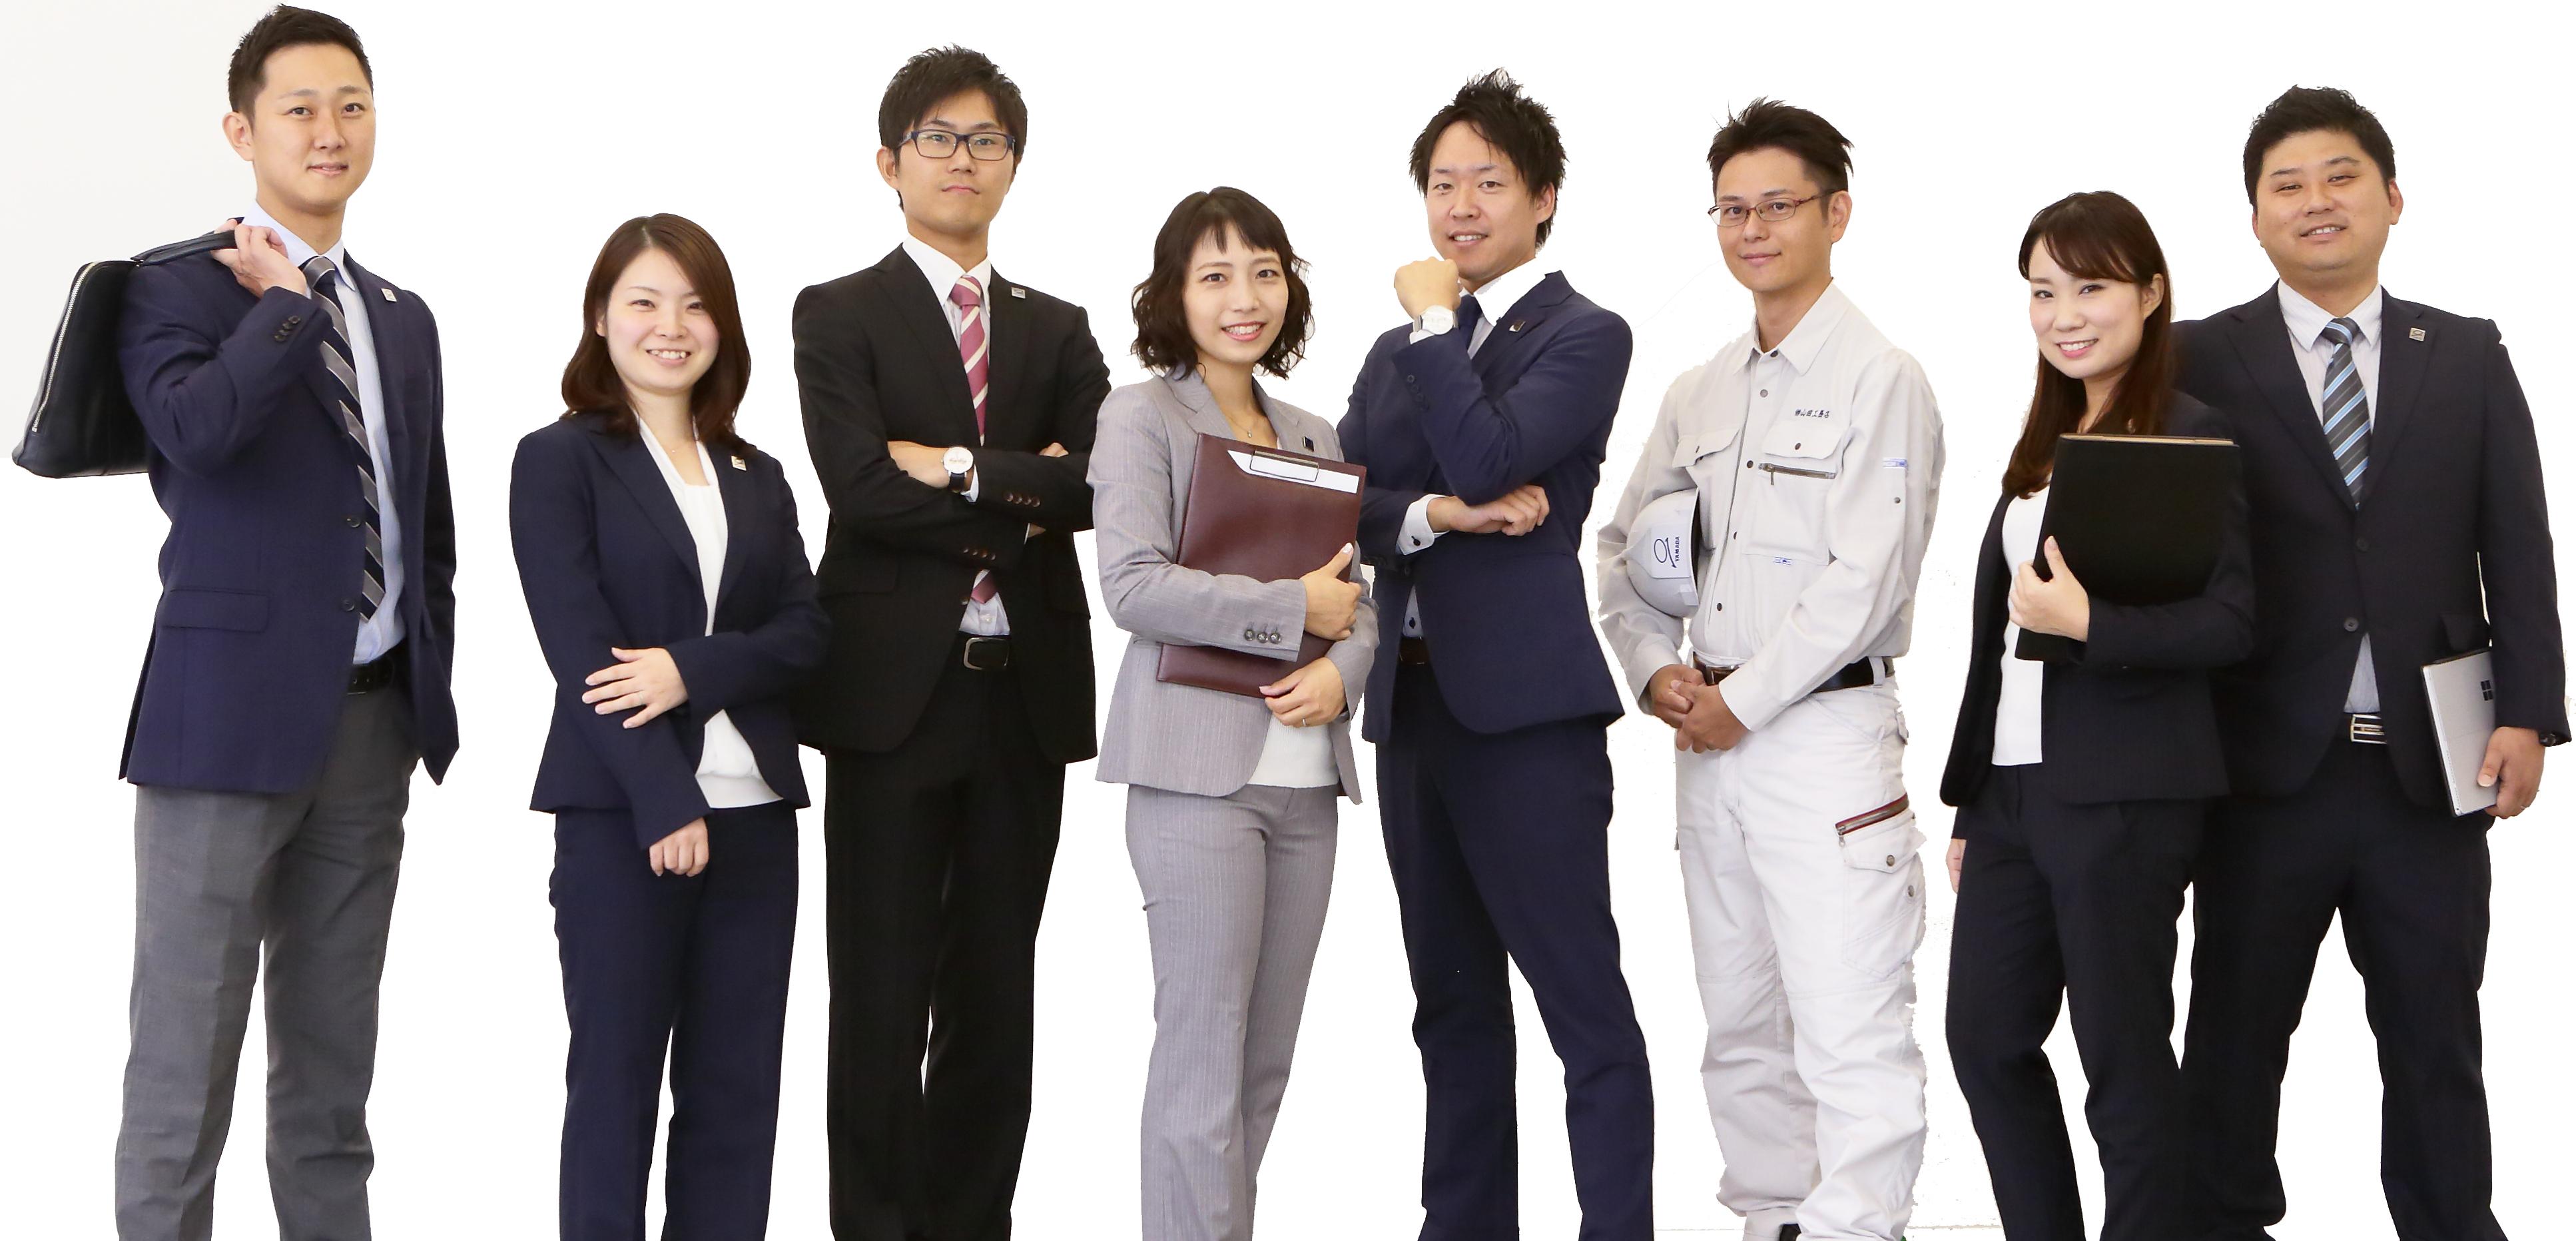 山田工務店の営業職って?